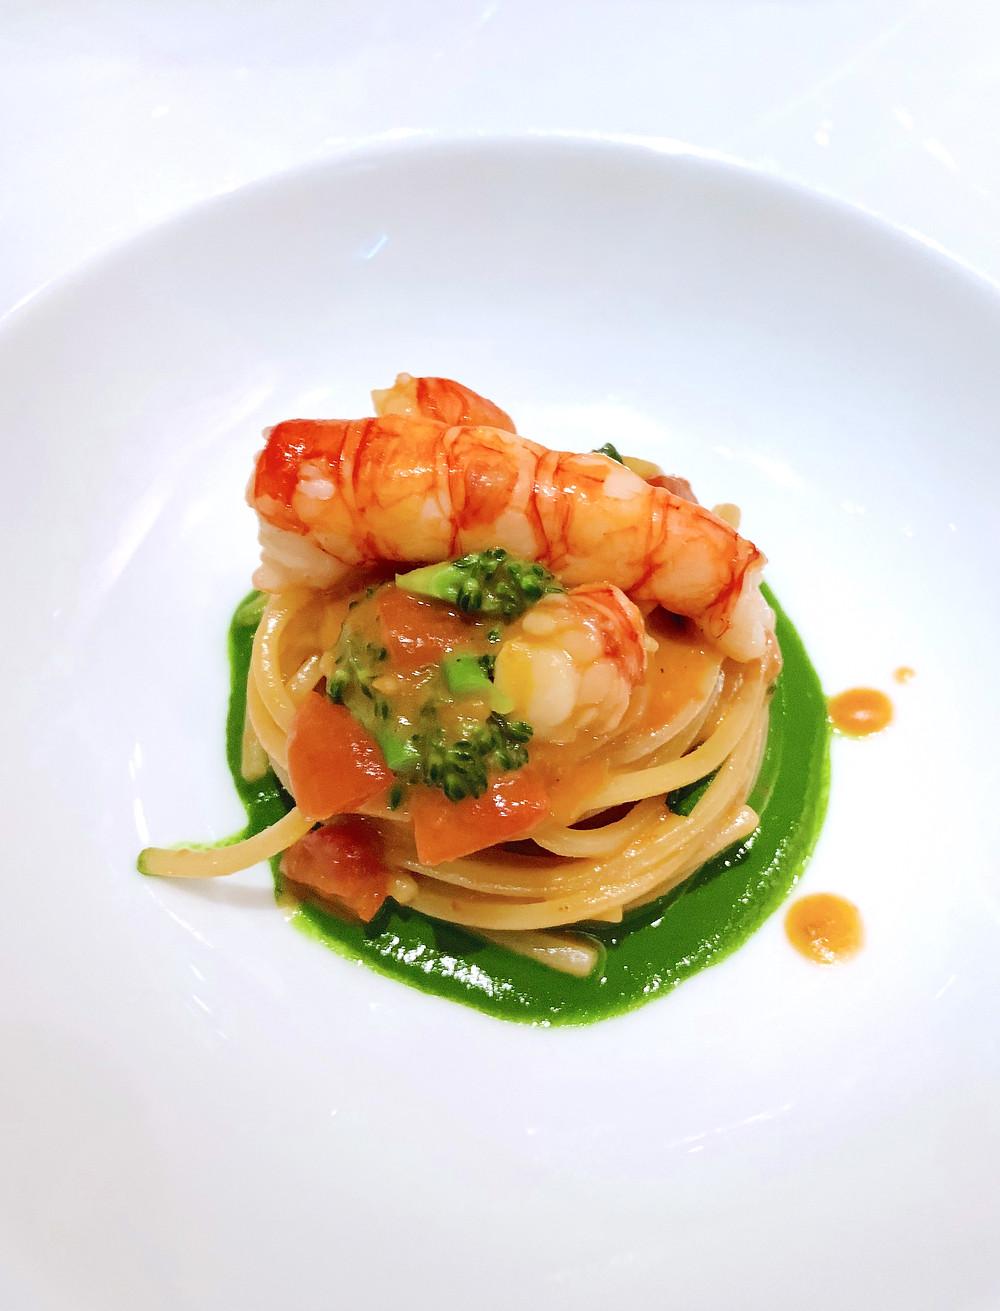 Food at Octavium Italian restaurant in Hong Kong